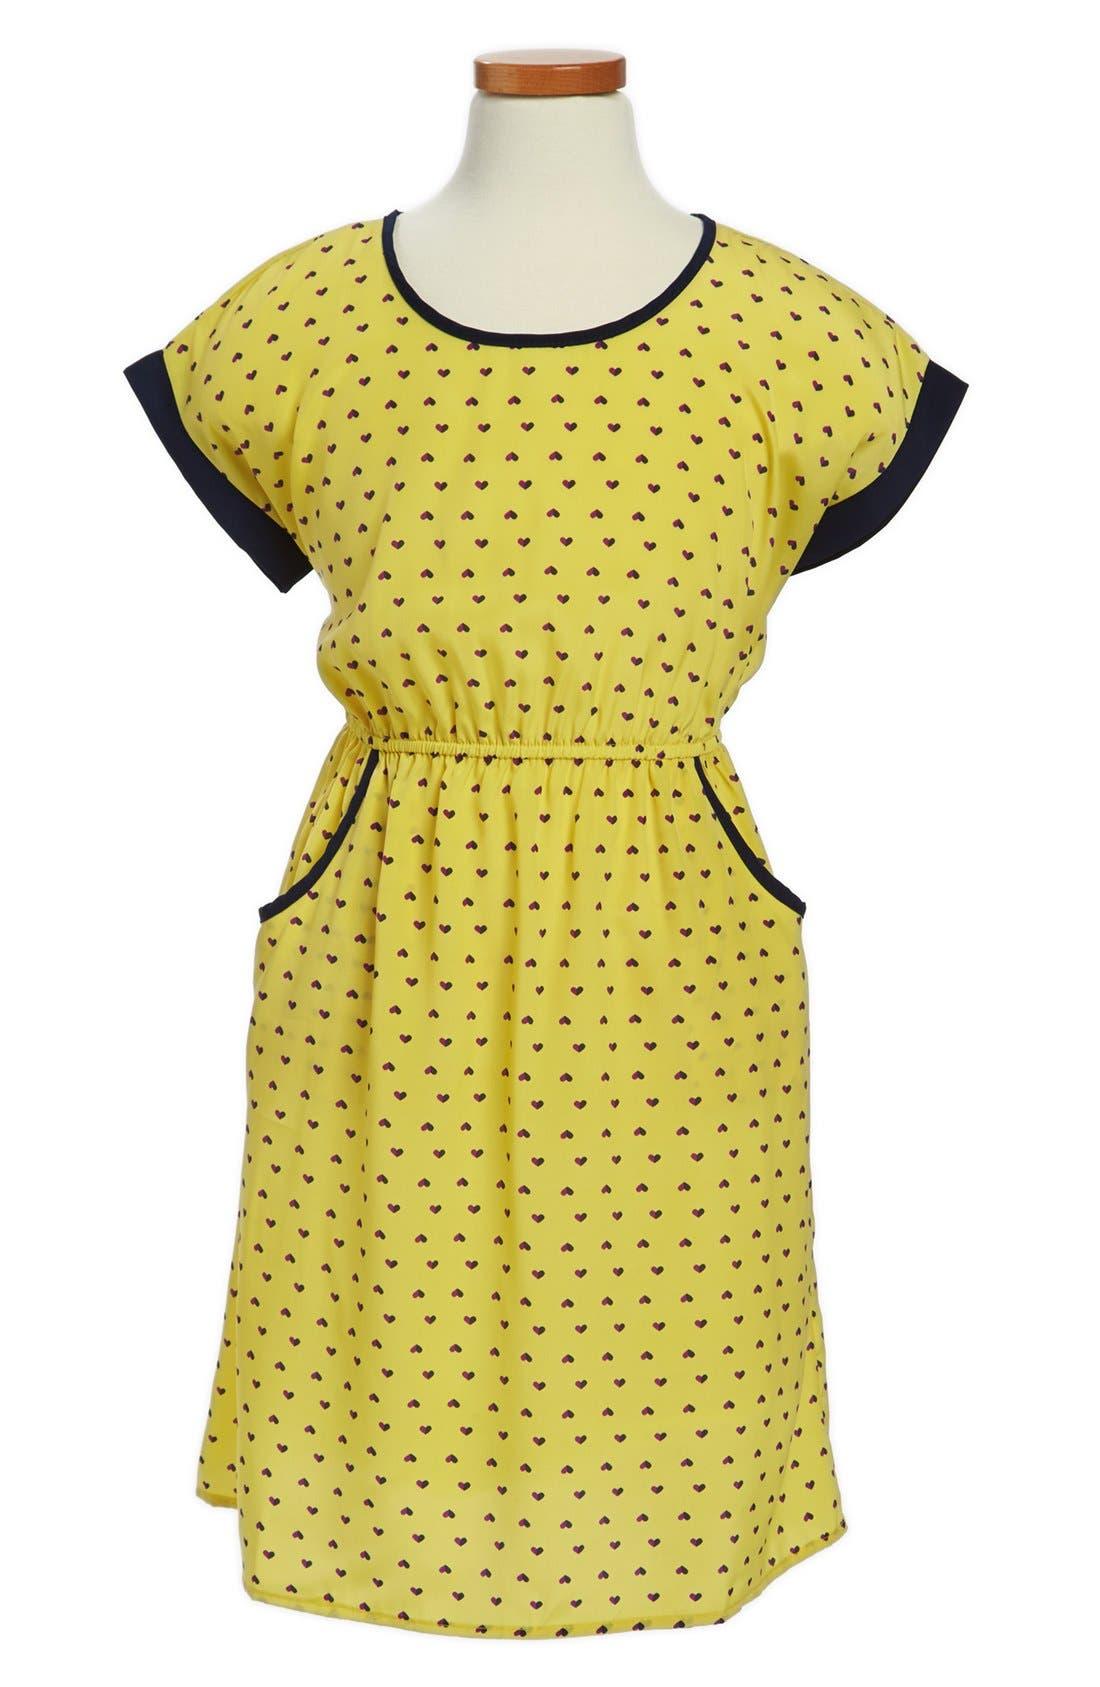 Alternate Image 1 Selected - Soprano Heart Print Dress (Little Girls & Big Girls)